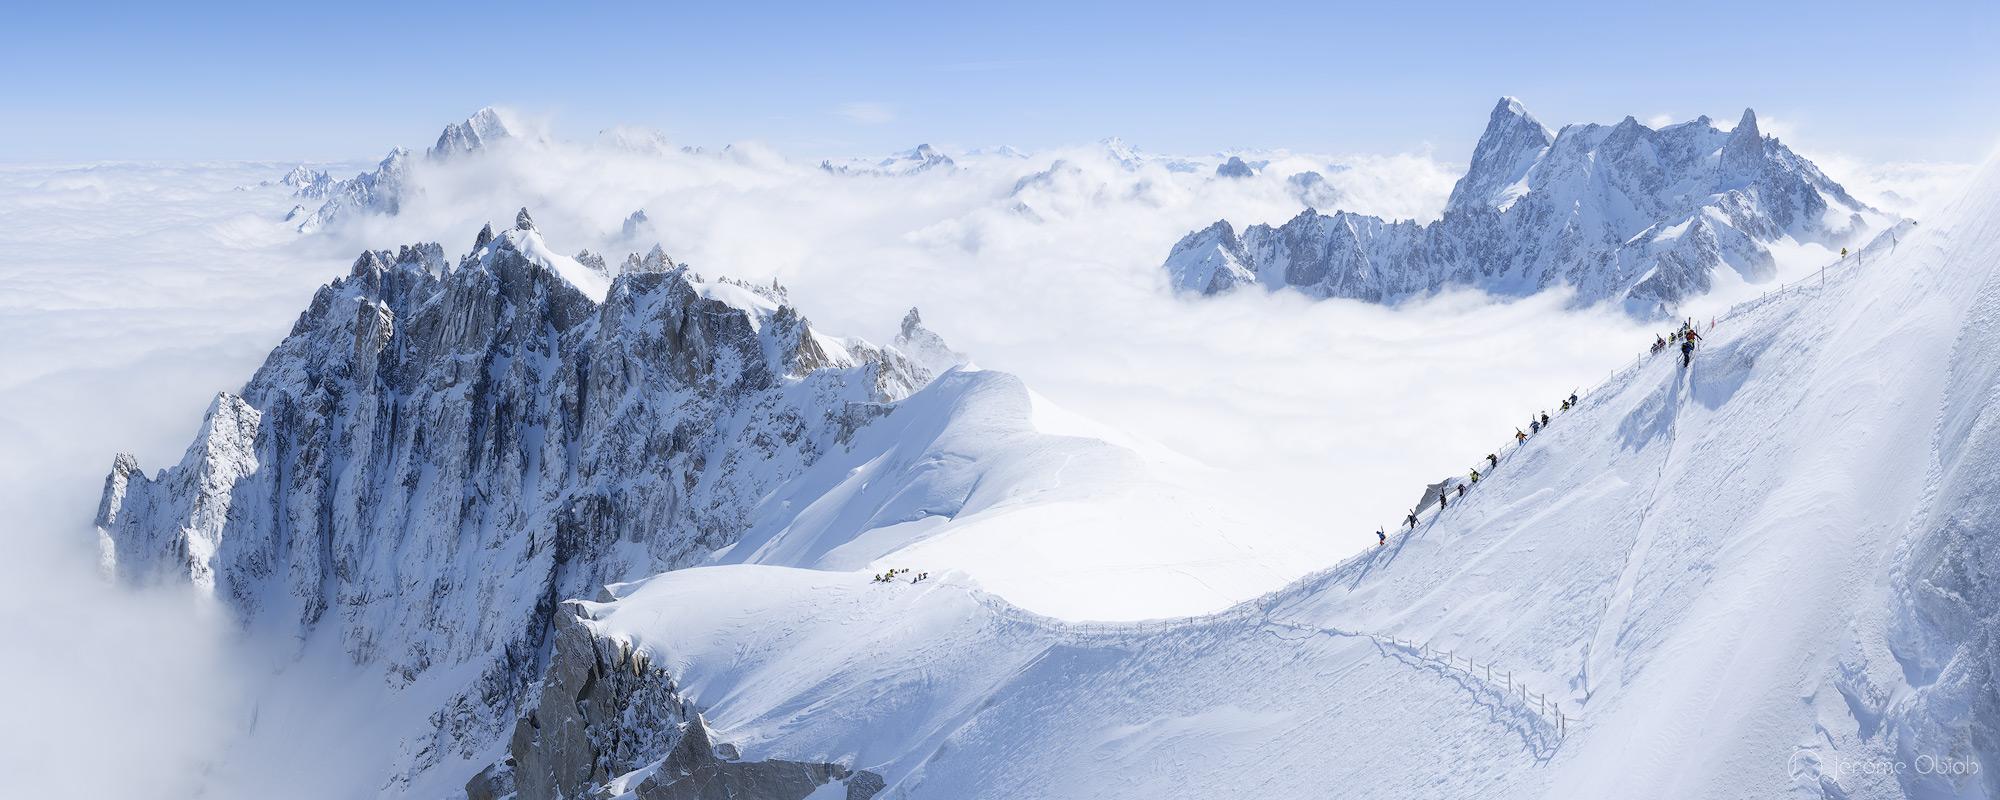 Photo montagne. Skieurs dans les alpes descendant l'arete exposée de l'Aiguille du Midi pour rejoindre la vallée blanche. Chamonix. Massif du Mont Blanc. Haute-Savoie (74).